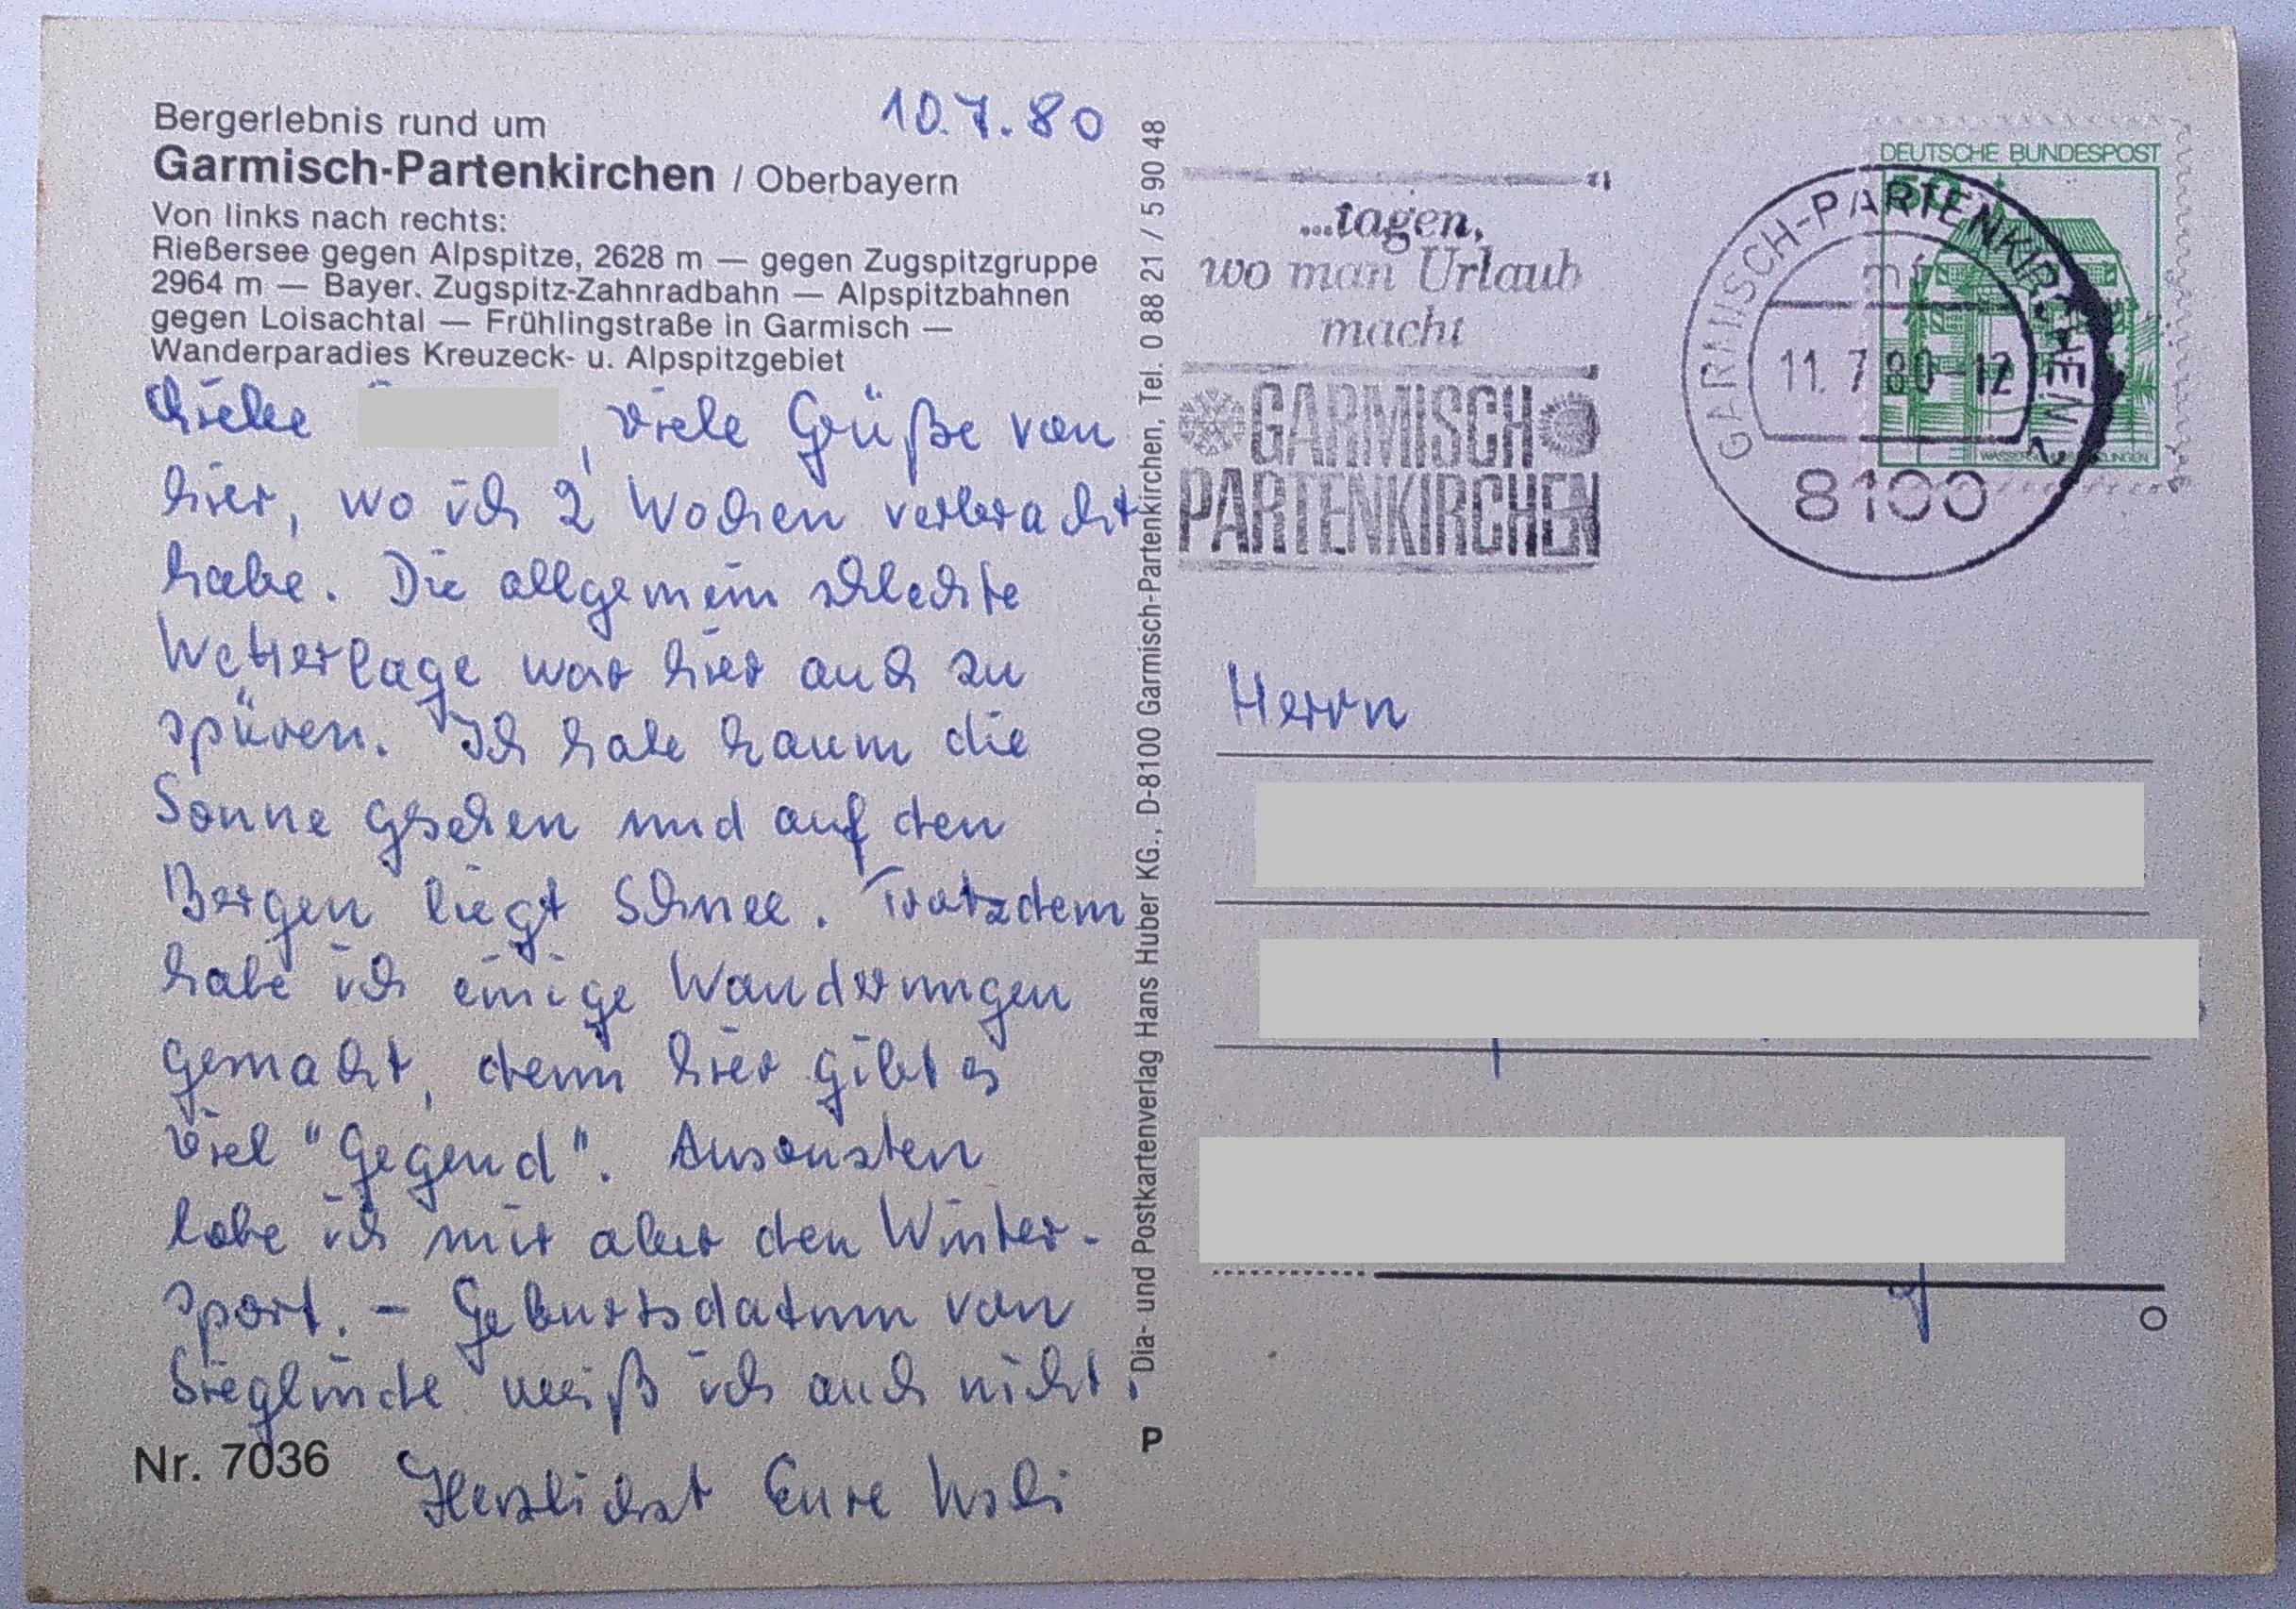 11.07.1980 Bergerlebnis rund um Garmisch-Partenkirchen (Oberbayern) back